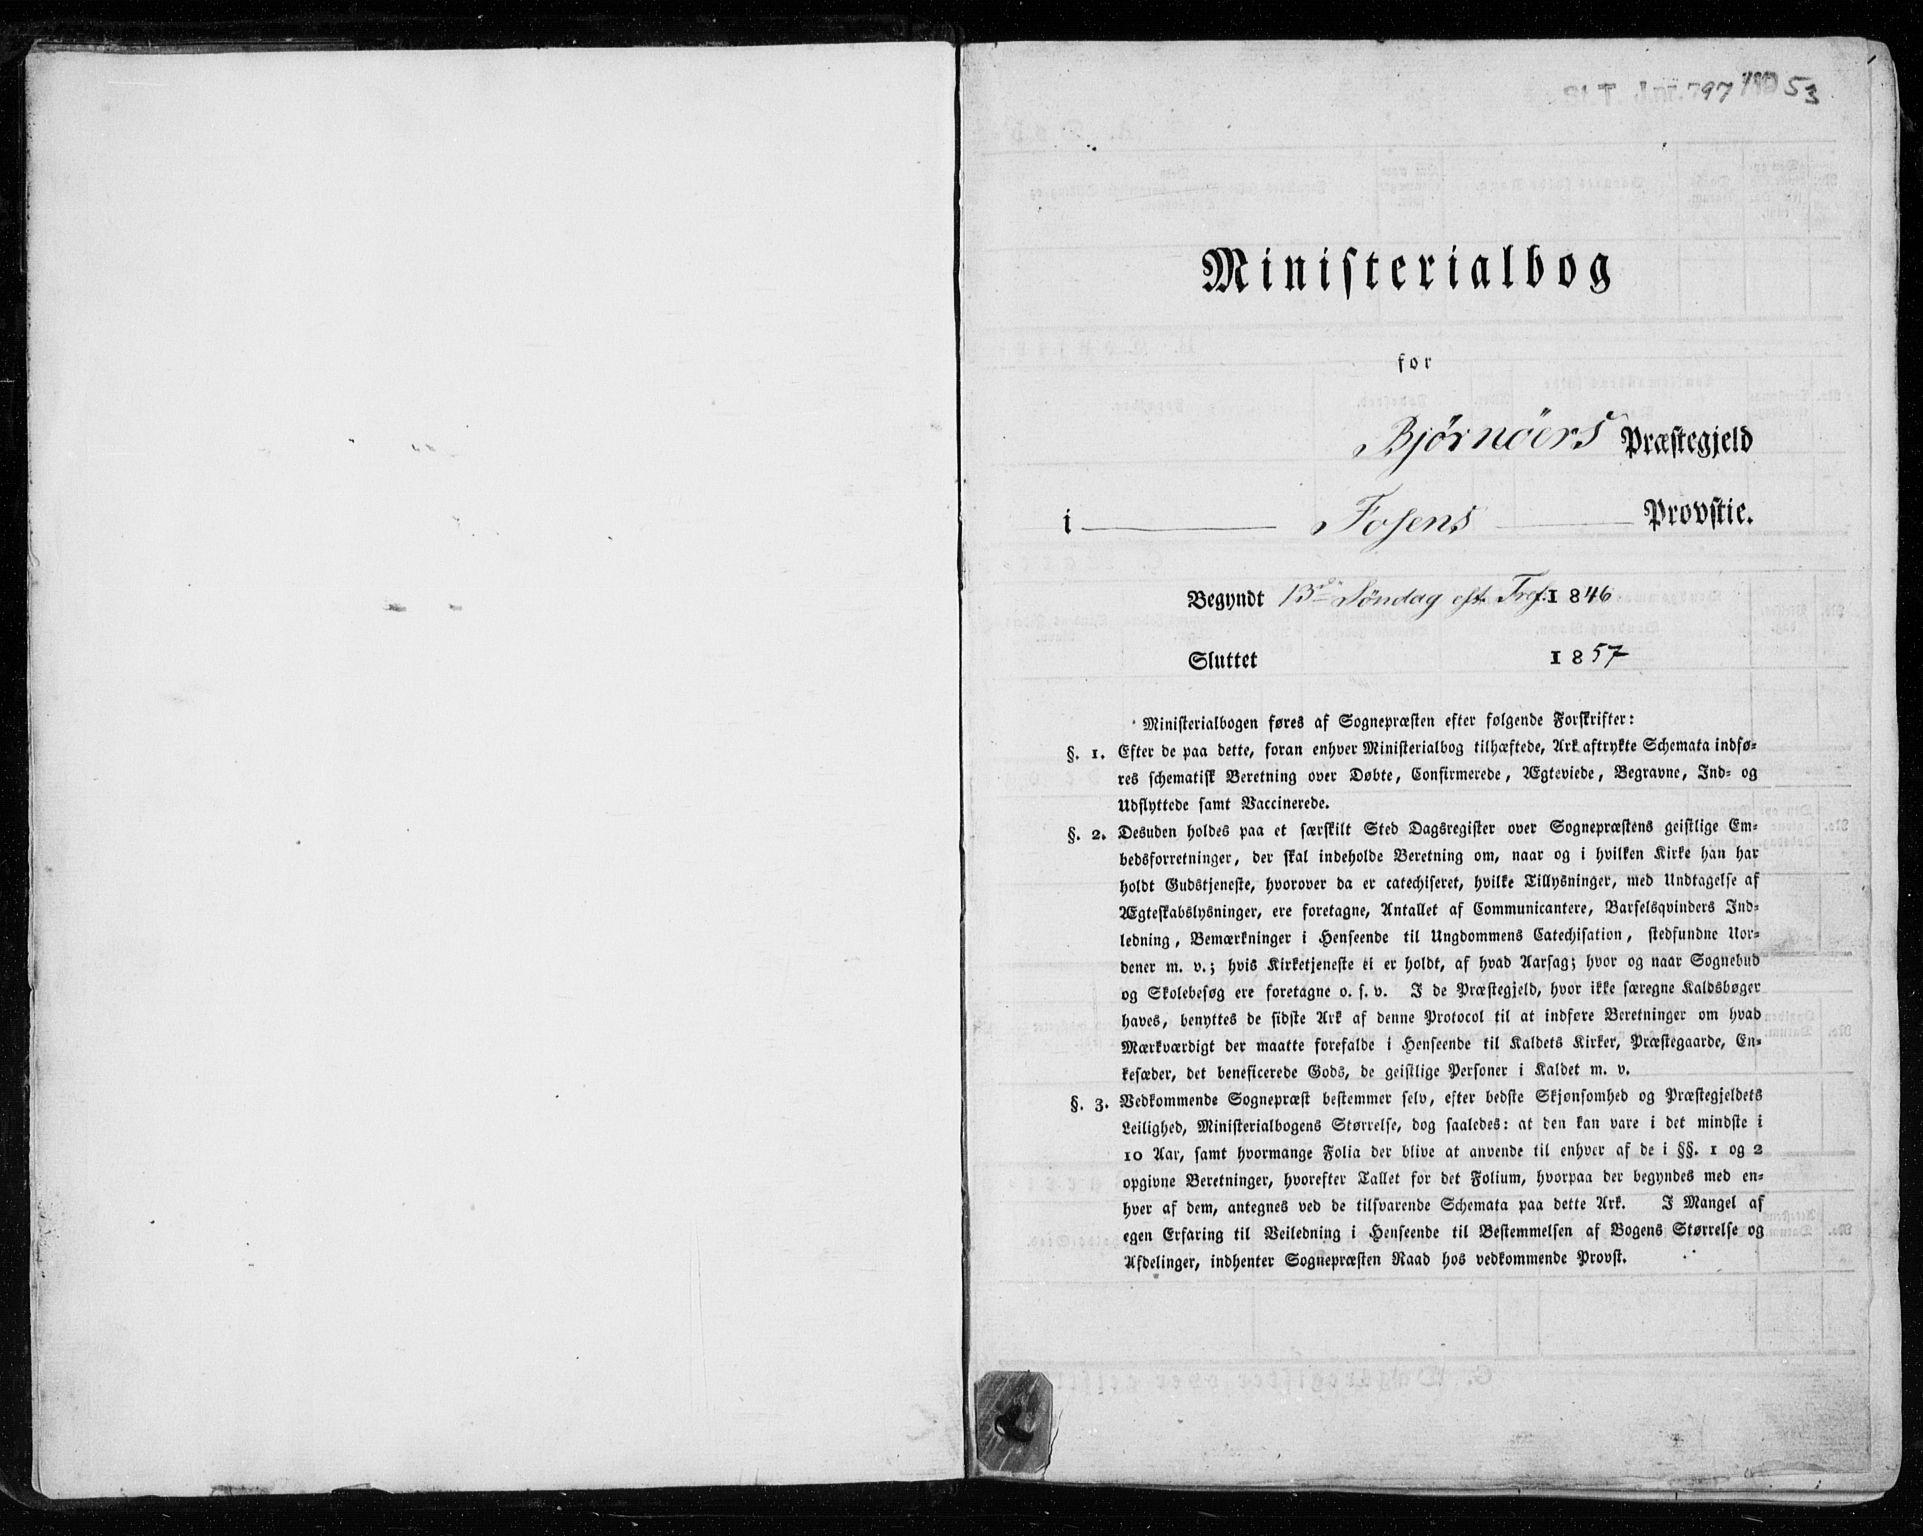 SAT, Ministerialprotokoller, klokkerbøker og fødselsregistre - Sør-Trøndelag, 657/L0704: Ministerialbok nr. 657A05, 1846-1857